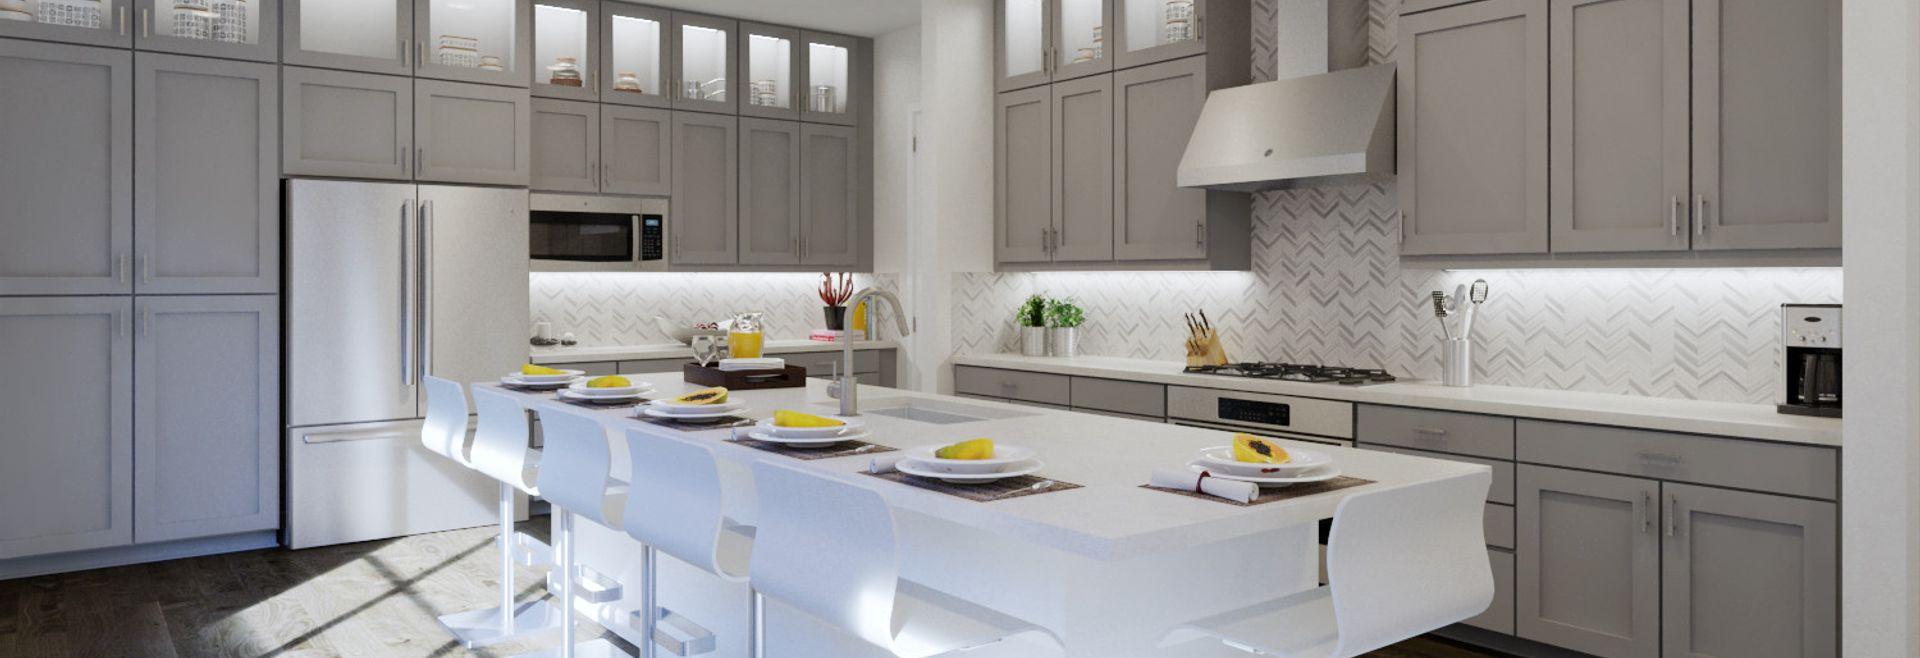 Trilogy Summerlin Luminous Kitchen